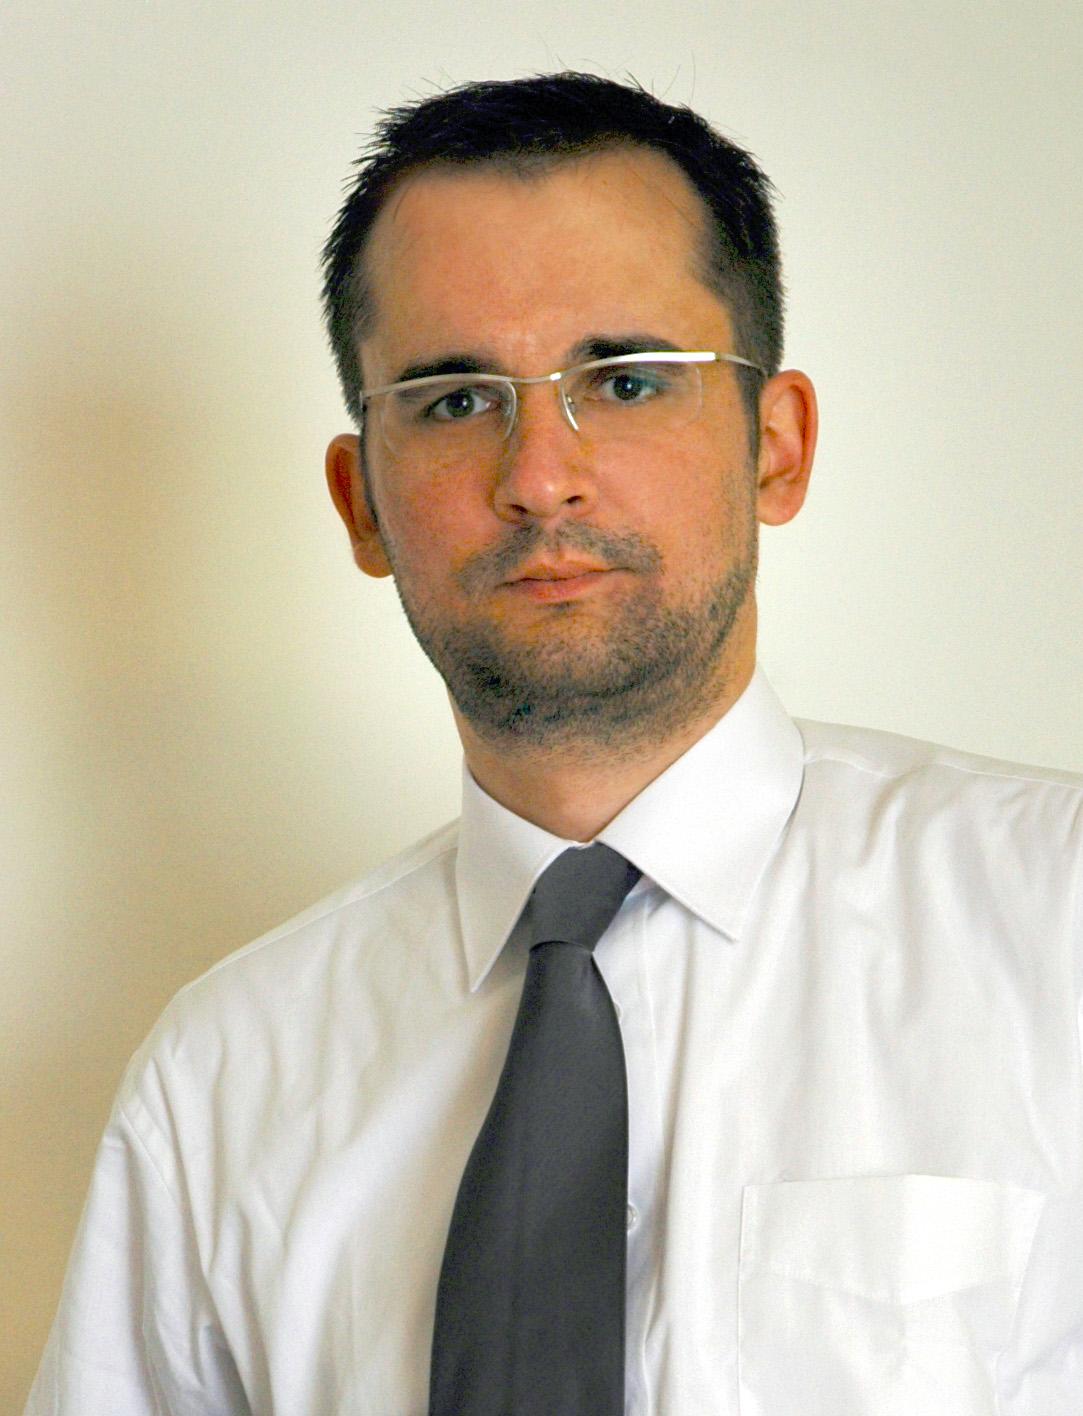 <b>Stefan Barislovits</b> - picture_barislovits_stefan